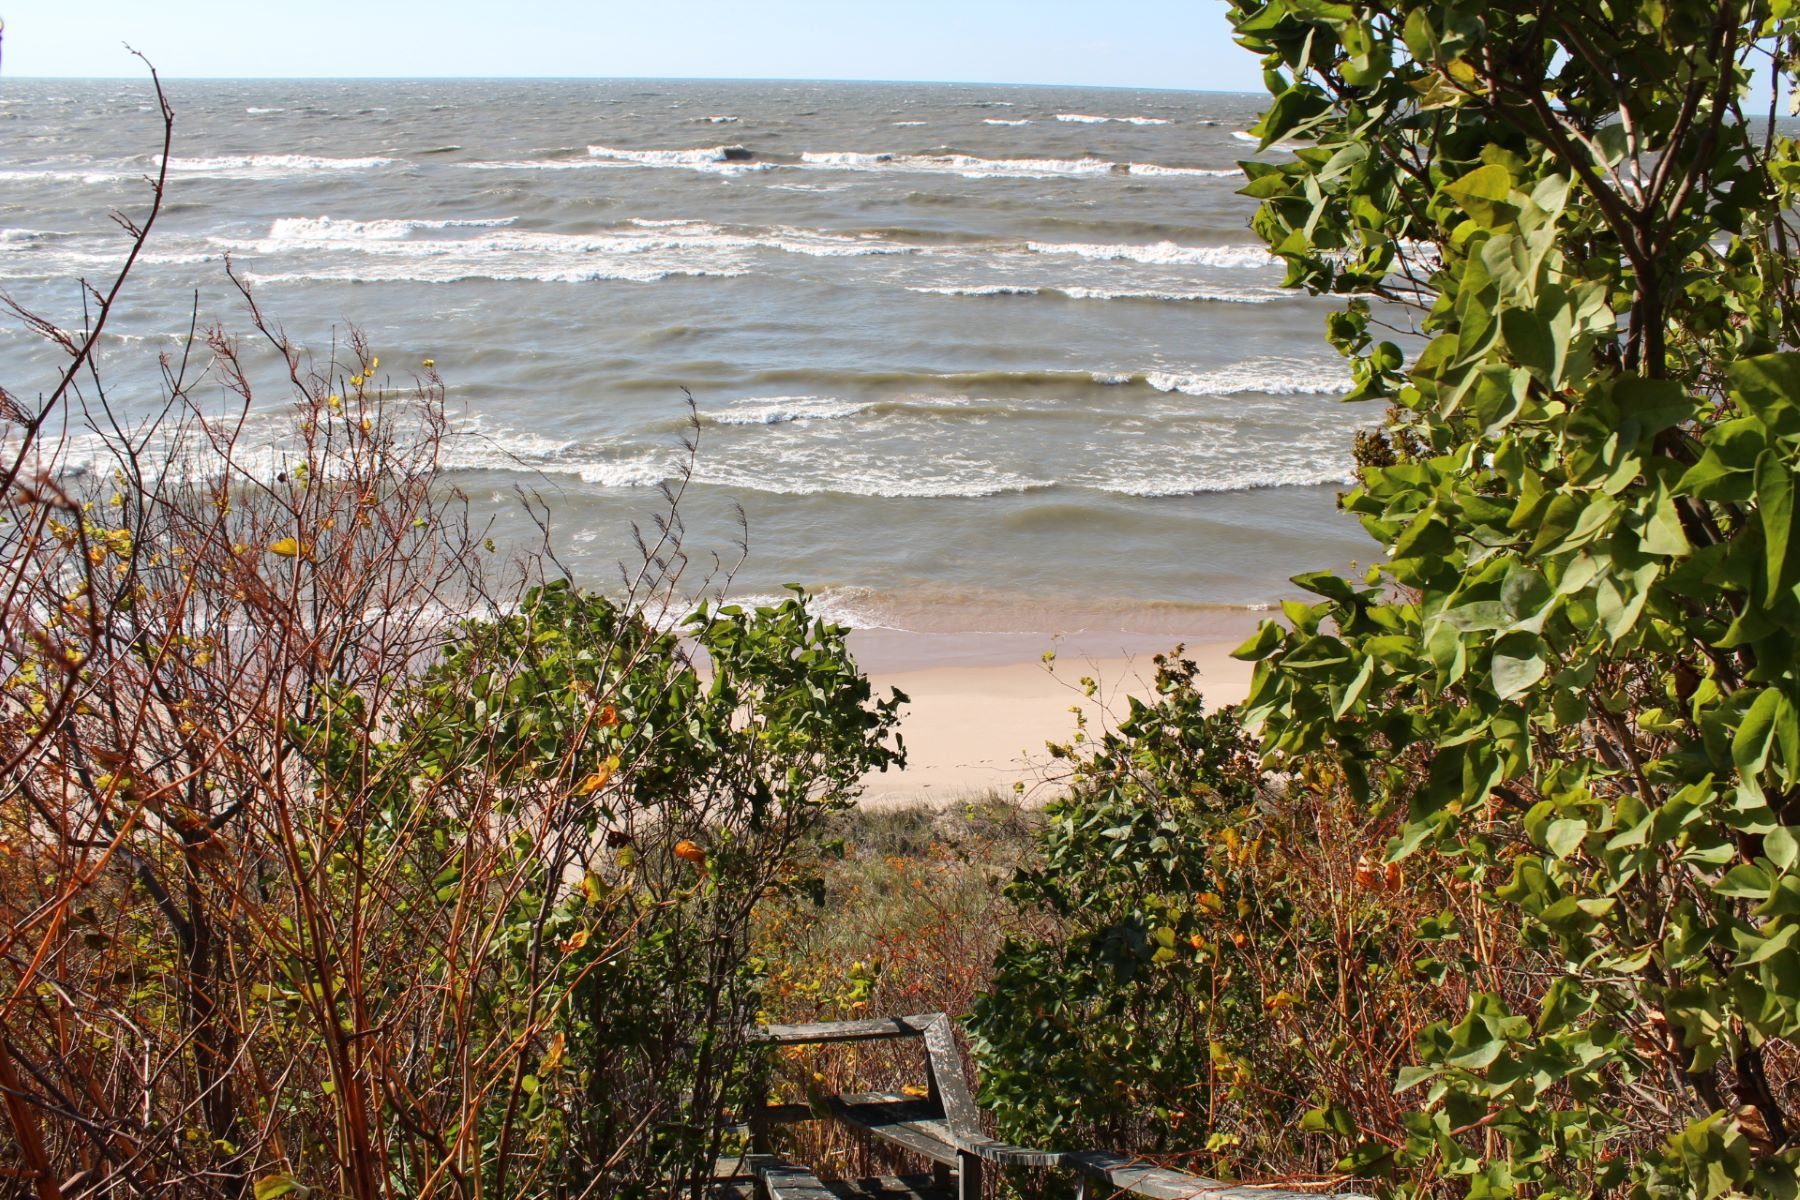 Đất đai vì Bán tại Beachfront Views Building Site 420 Crest Drive Holland, Michigan, 49424 Hoa Kỳ